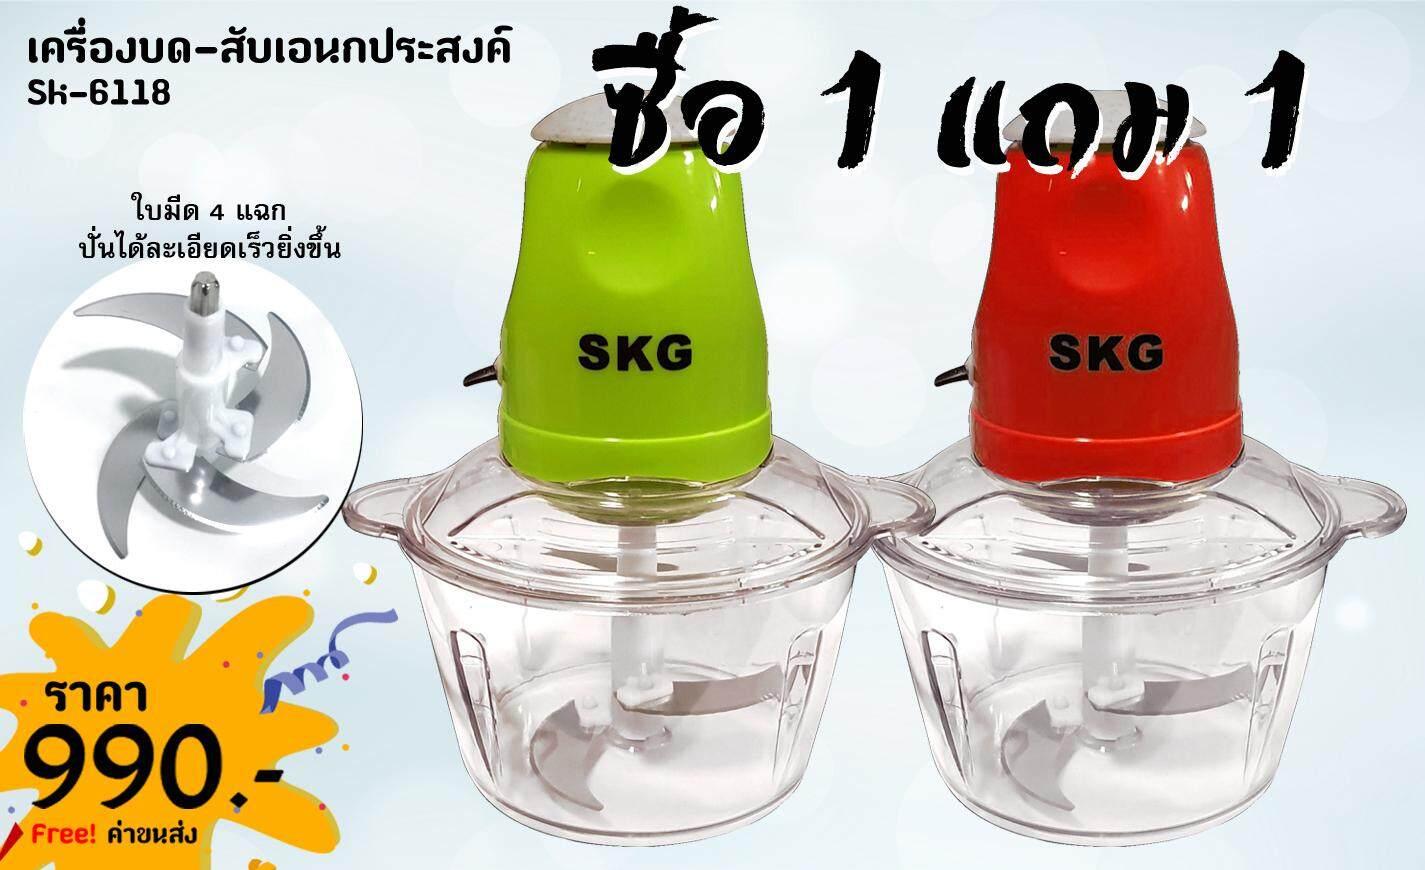 ซื้อ 1 แถม 1 เครื่อง -เครื่องบดสับอเนกประสงค์ SKG รุ่น SK-6618